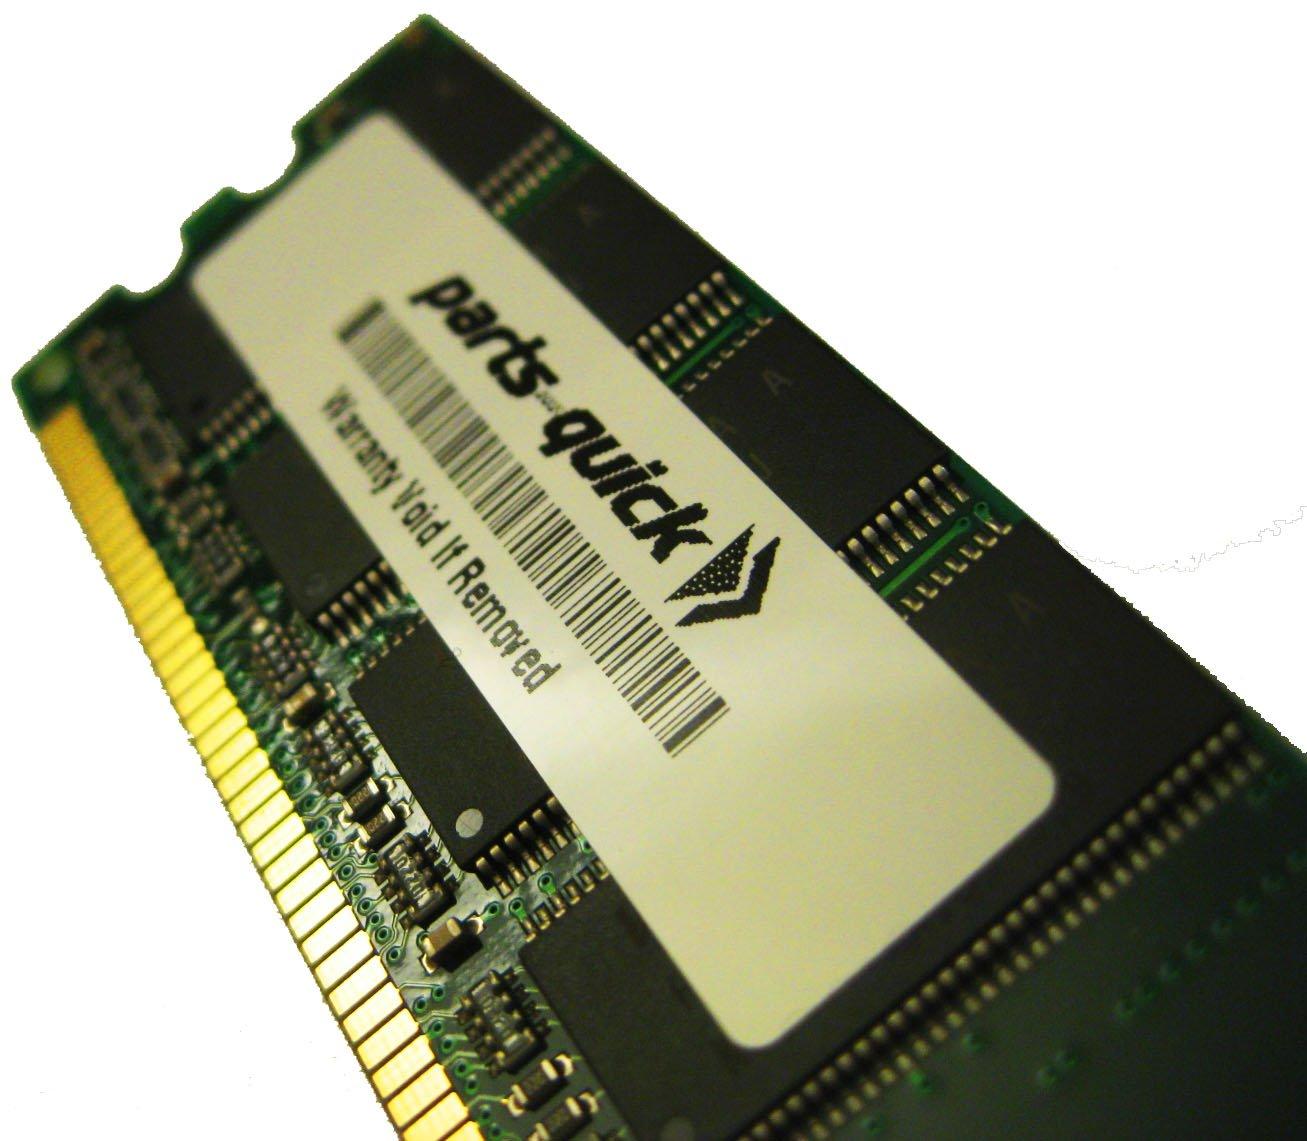 256 MBプリンタメモリRam Lexmark c910、c910dn、c910fn、c910in、c910 Nシリーズ。( parts-quickブランド)に相当11 N0036 B005TK7ENM